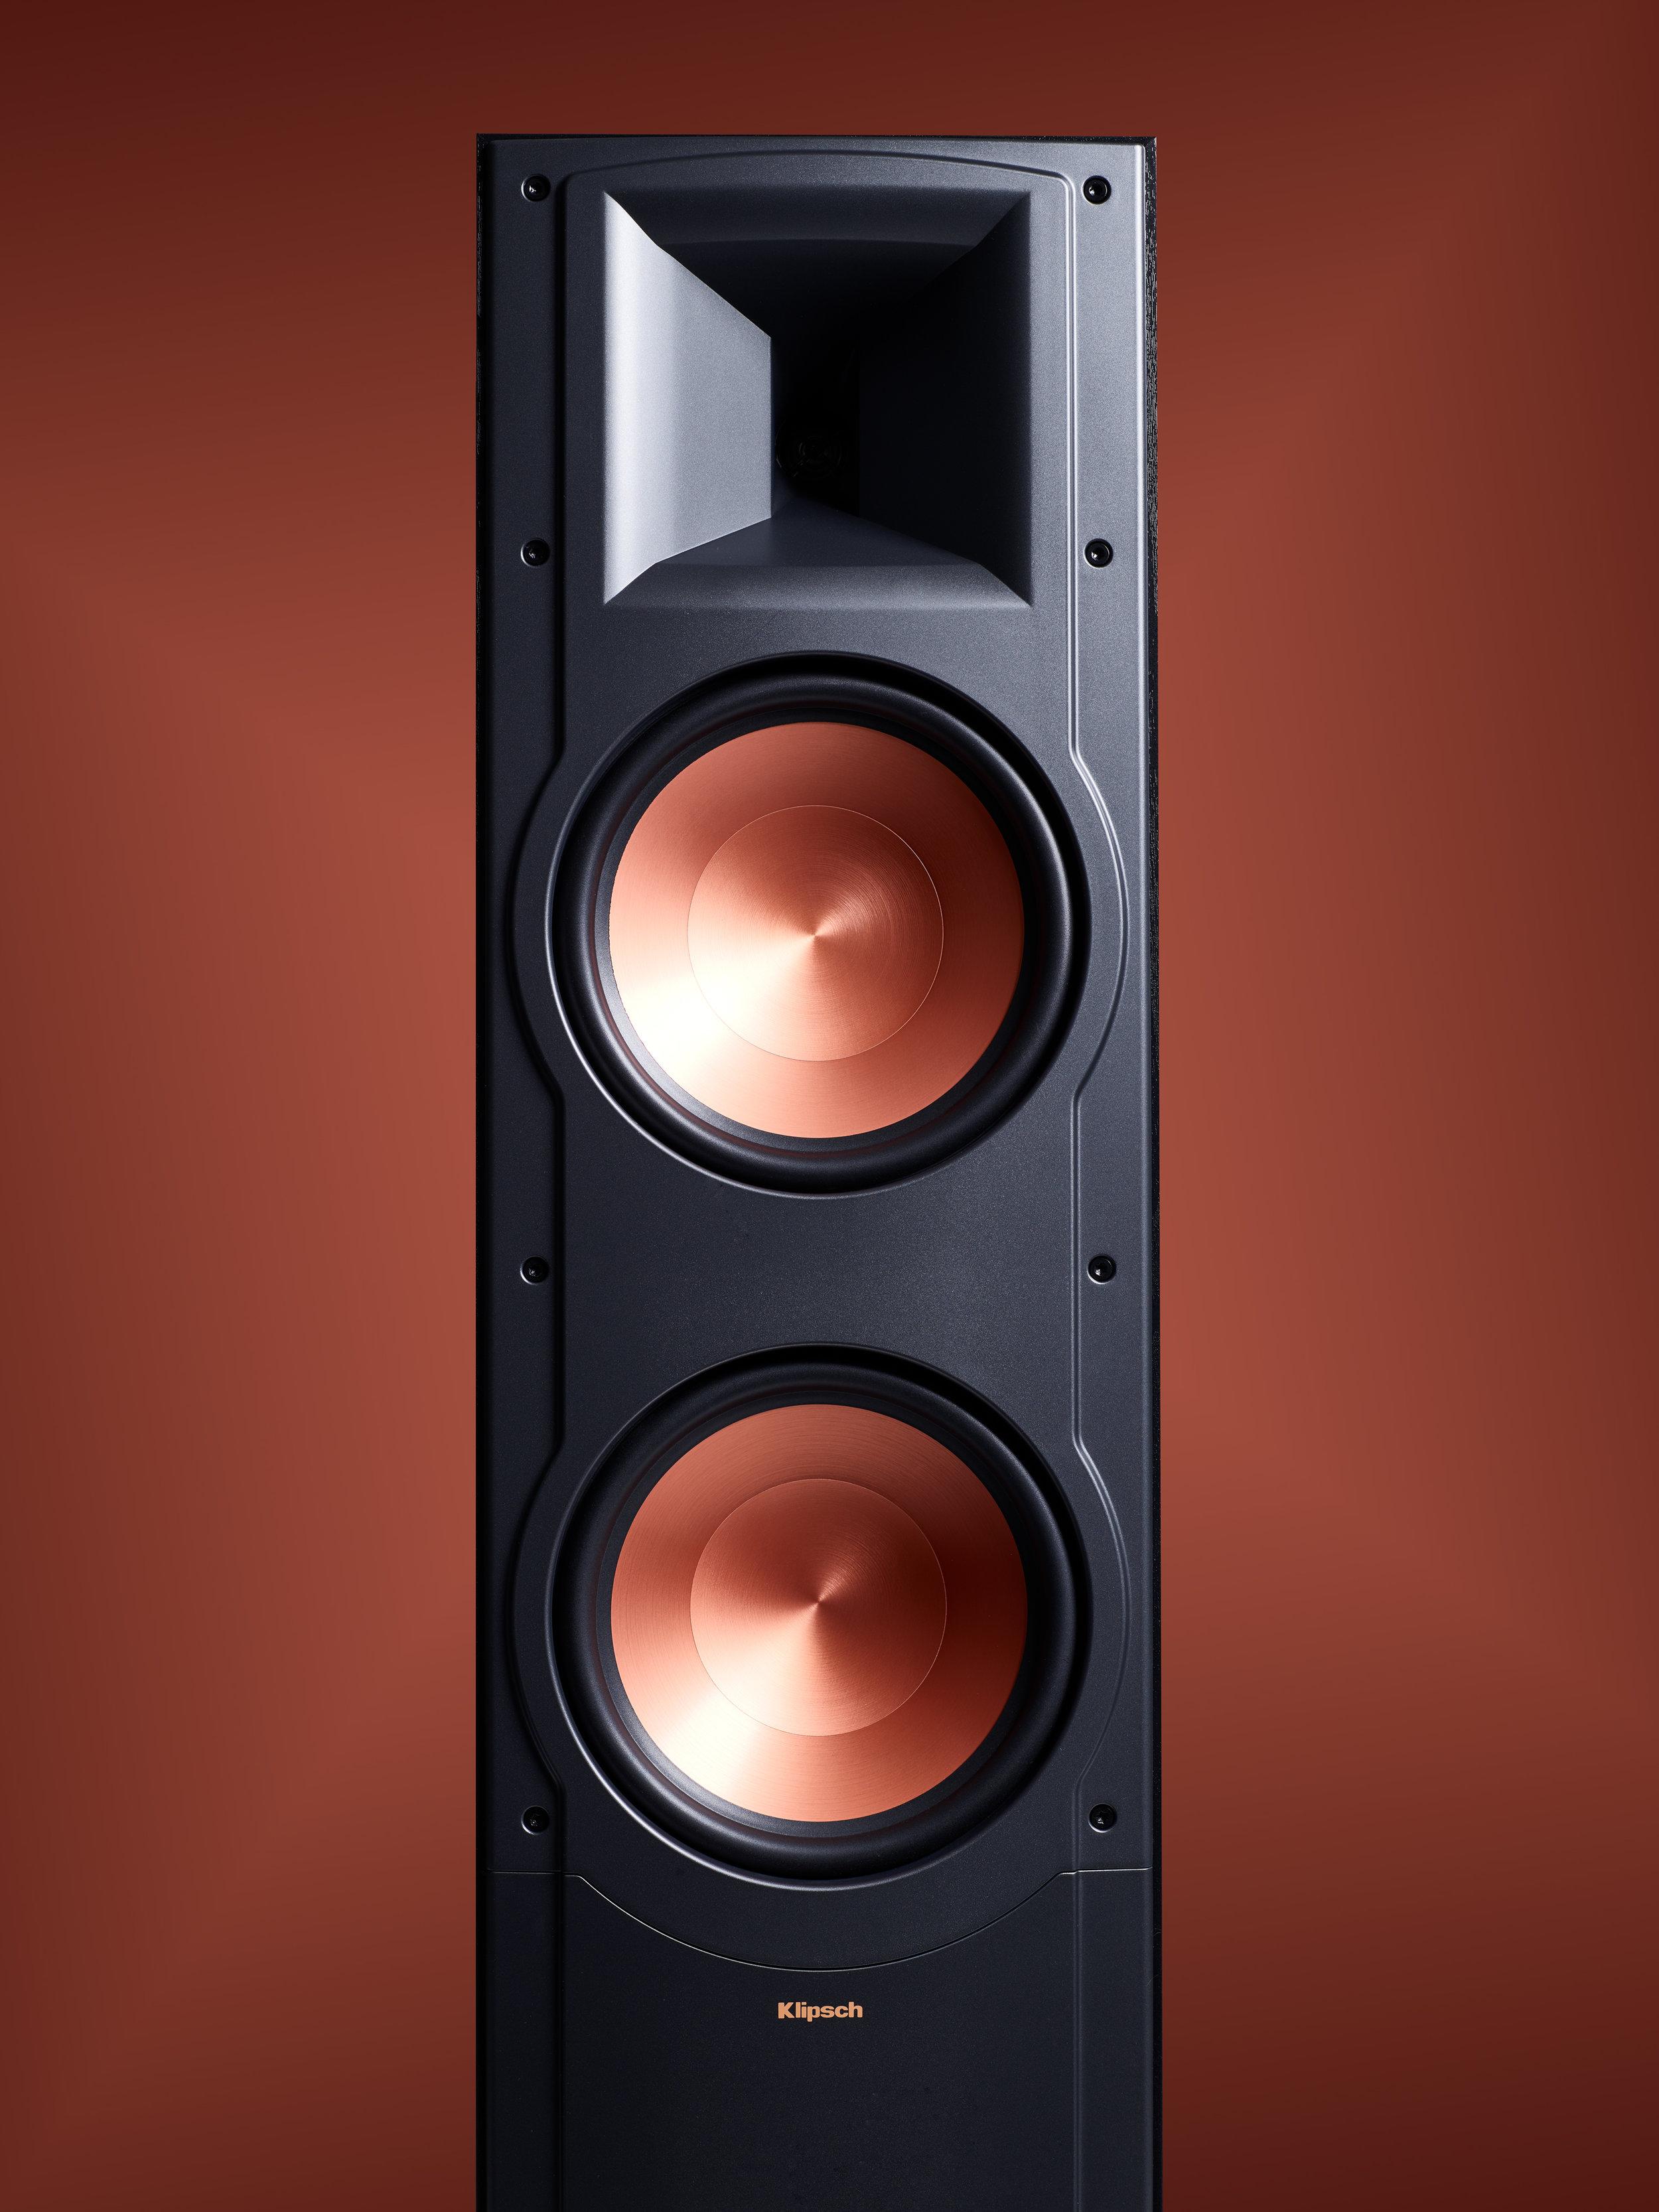 Klipsch Speaker on copper background